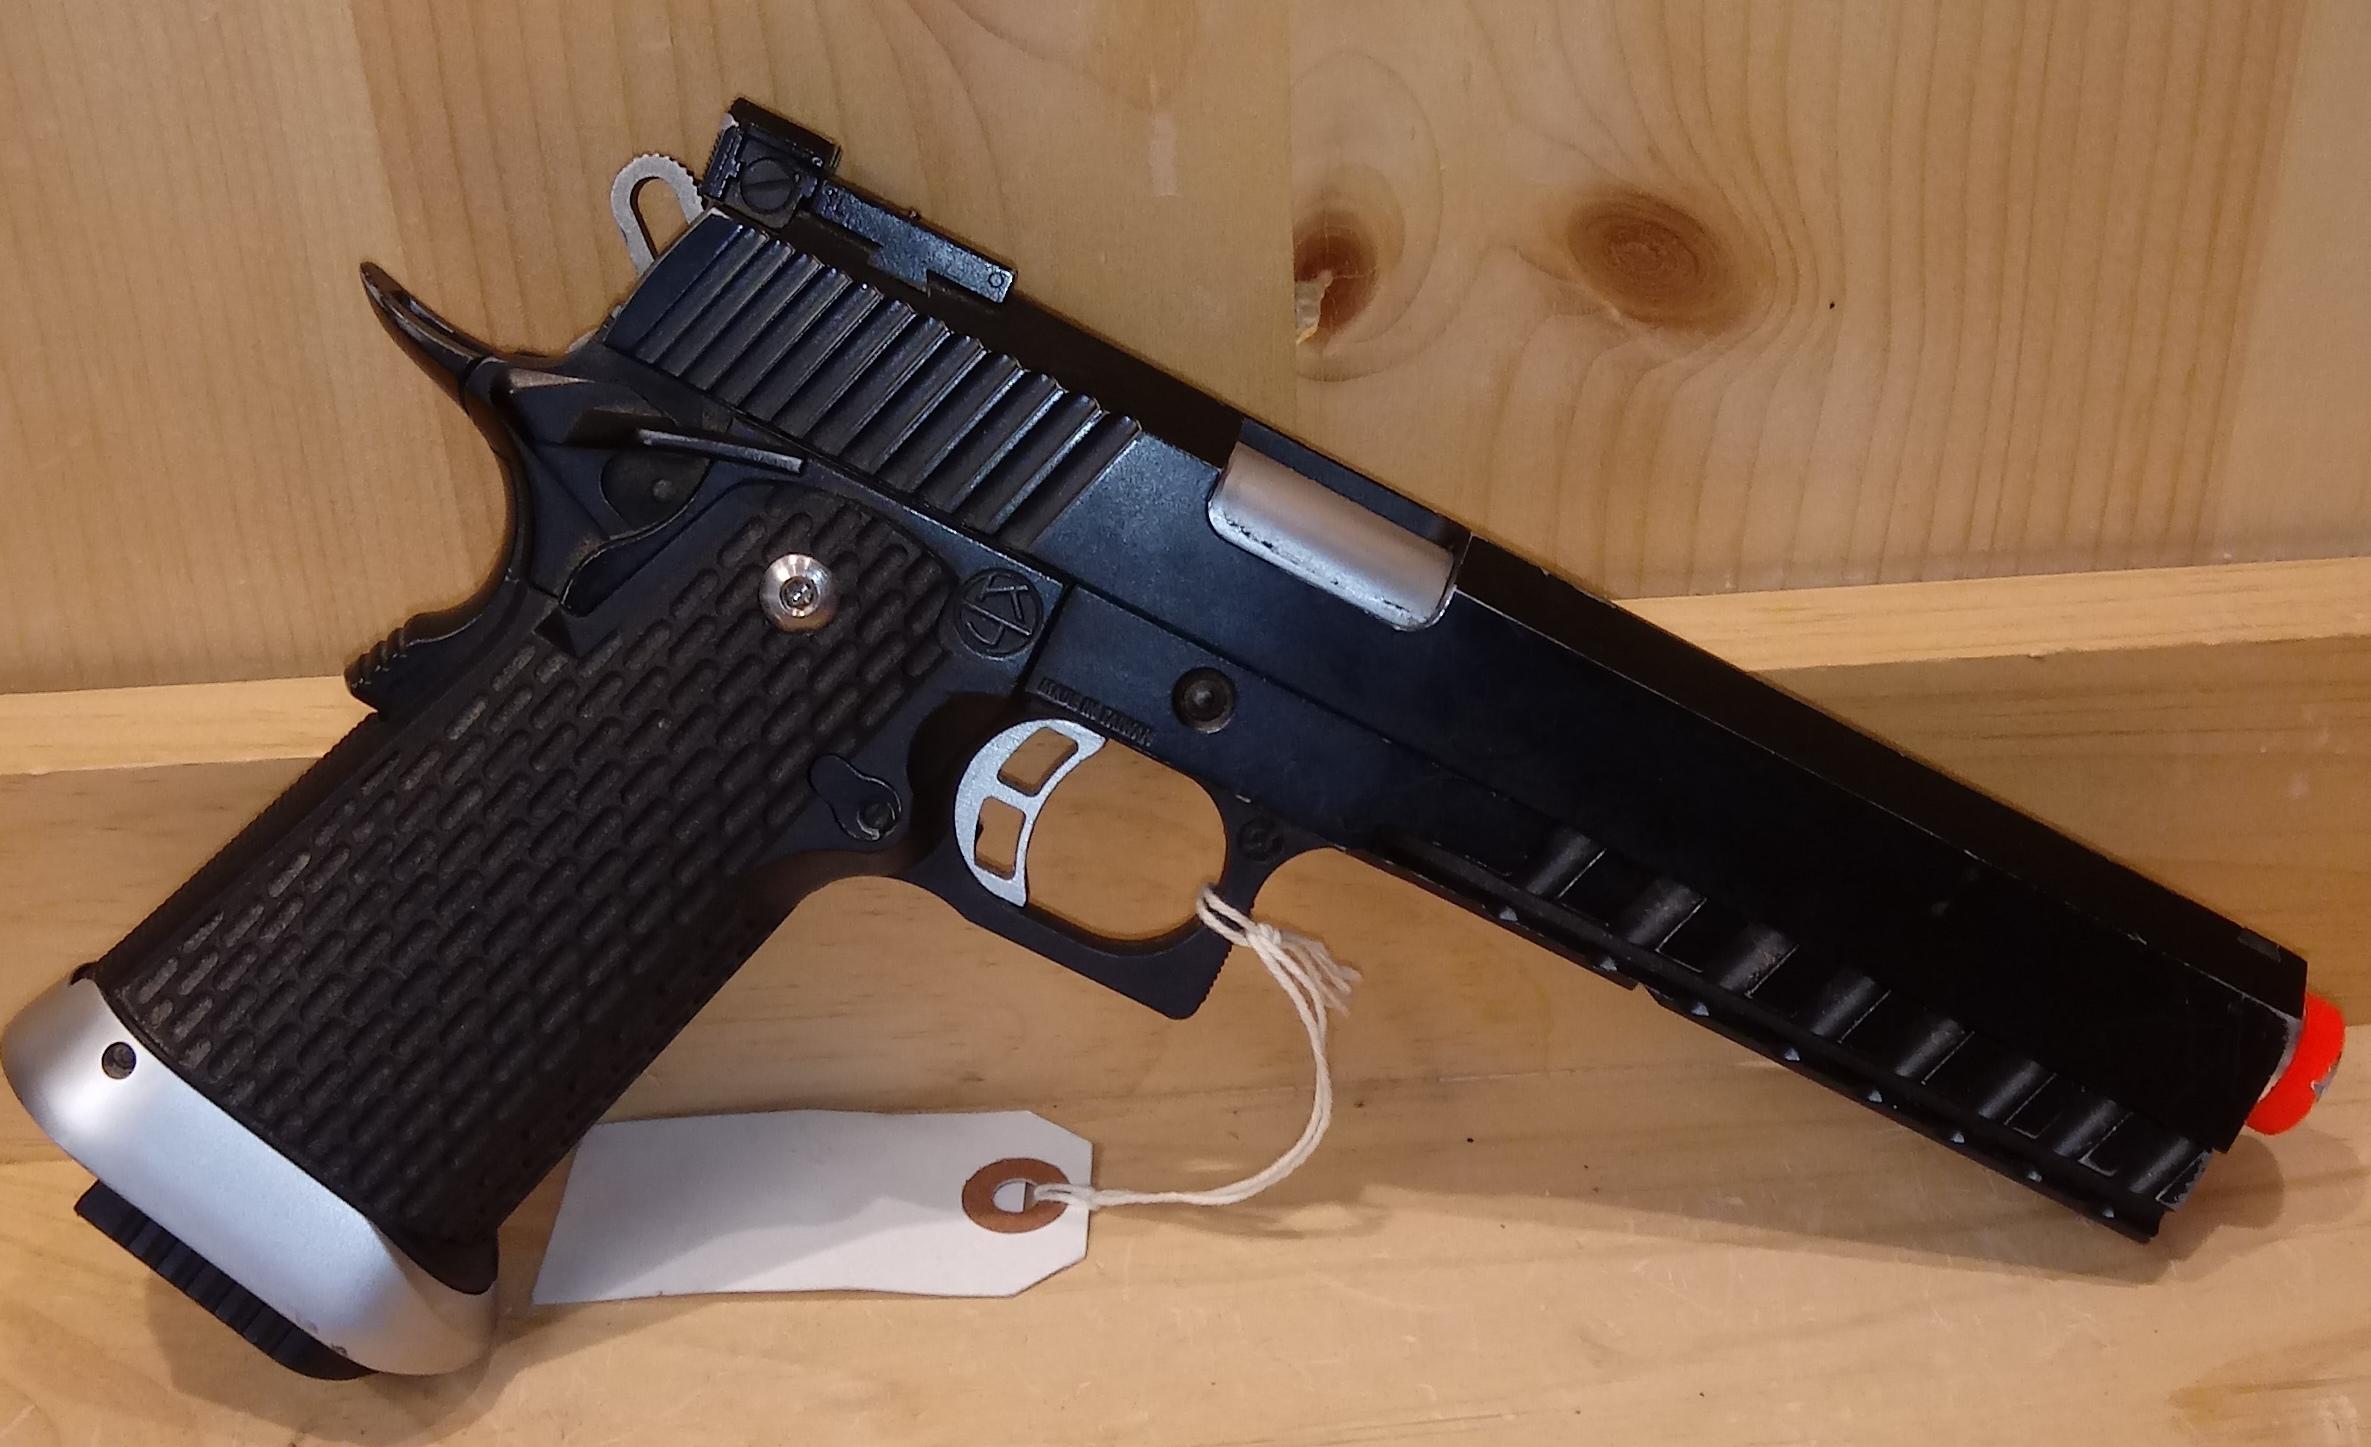 KJW  1911  PELLET GUN